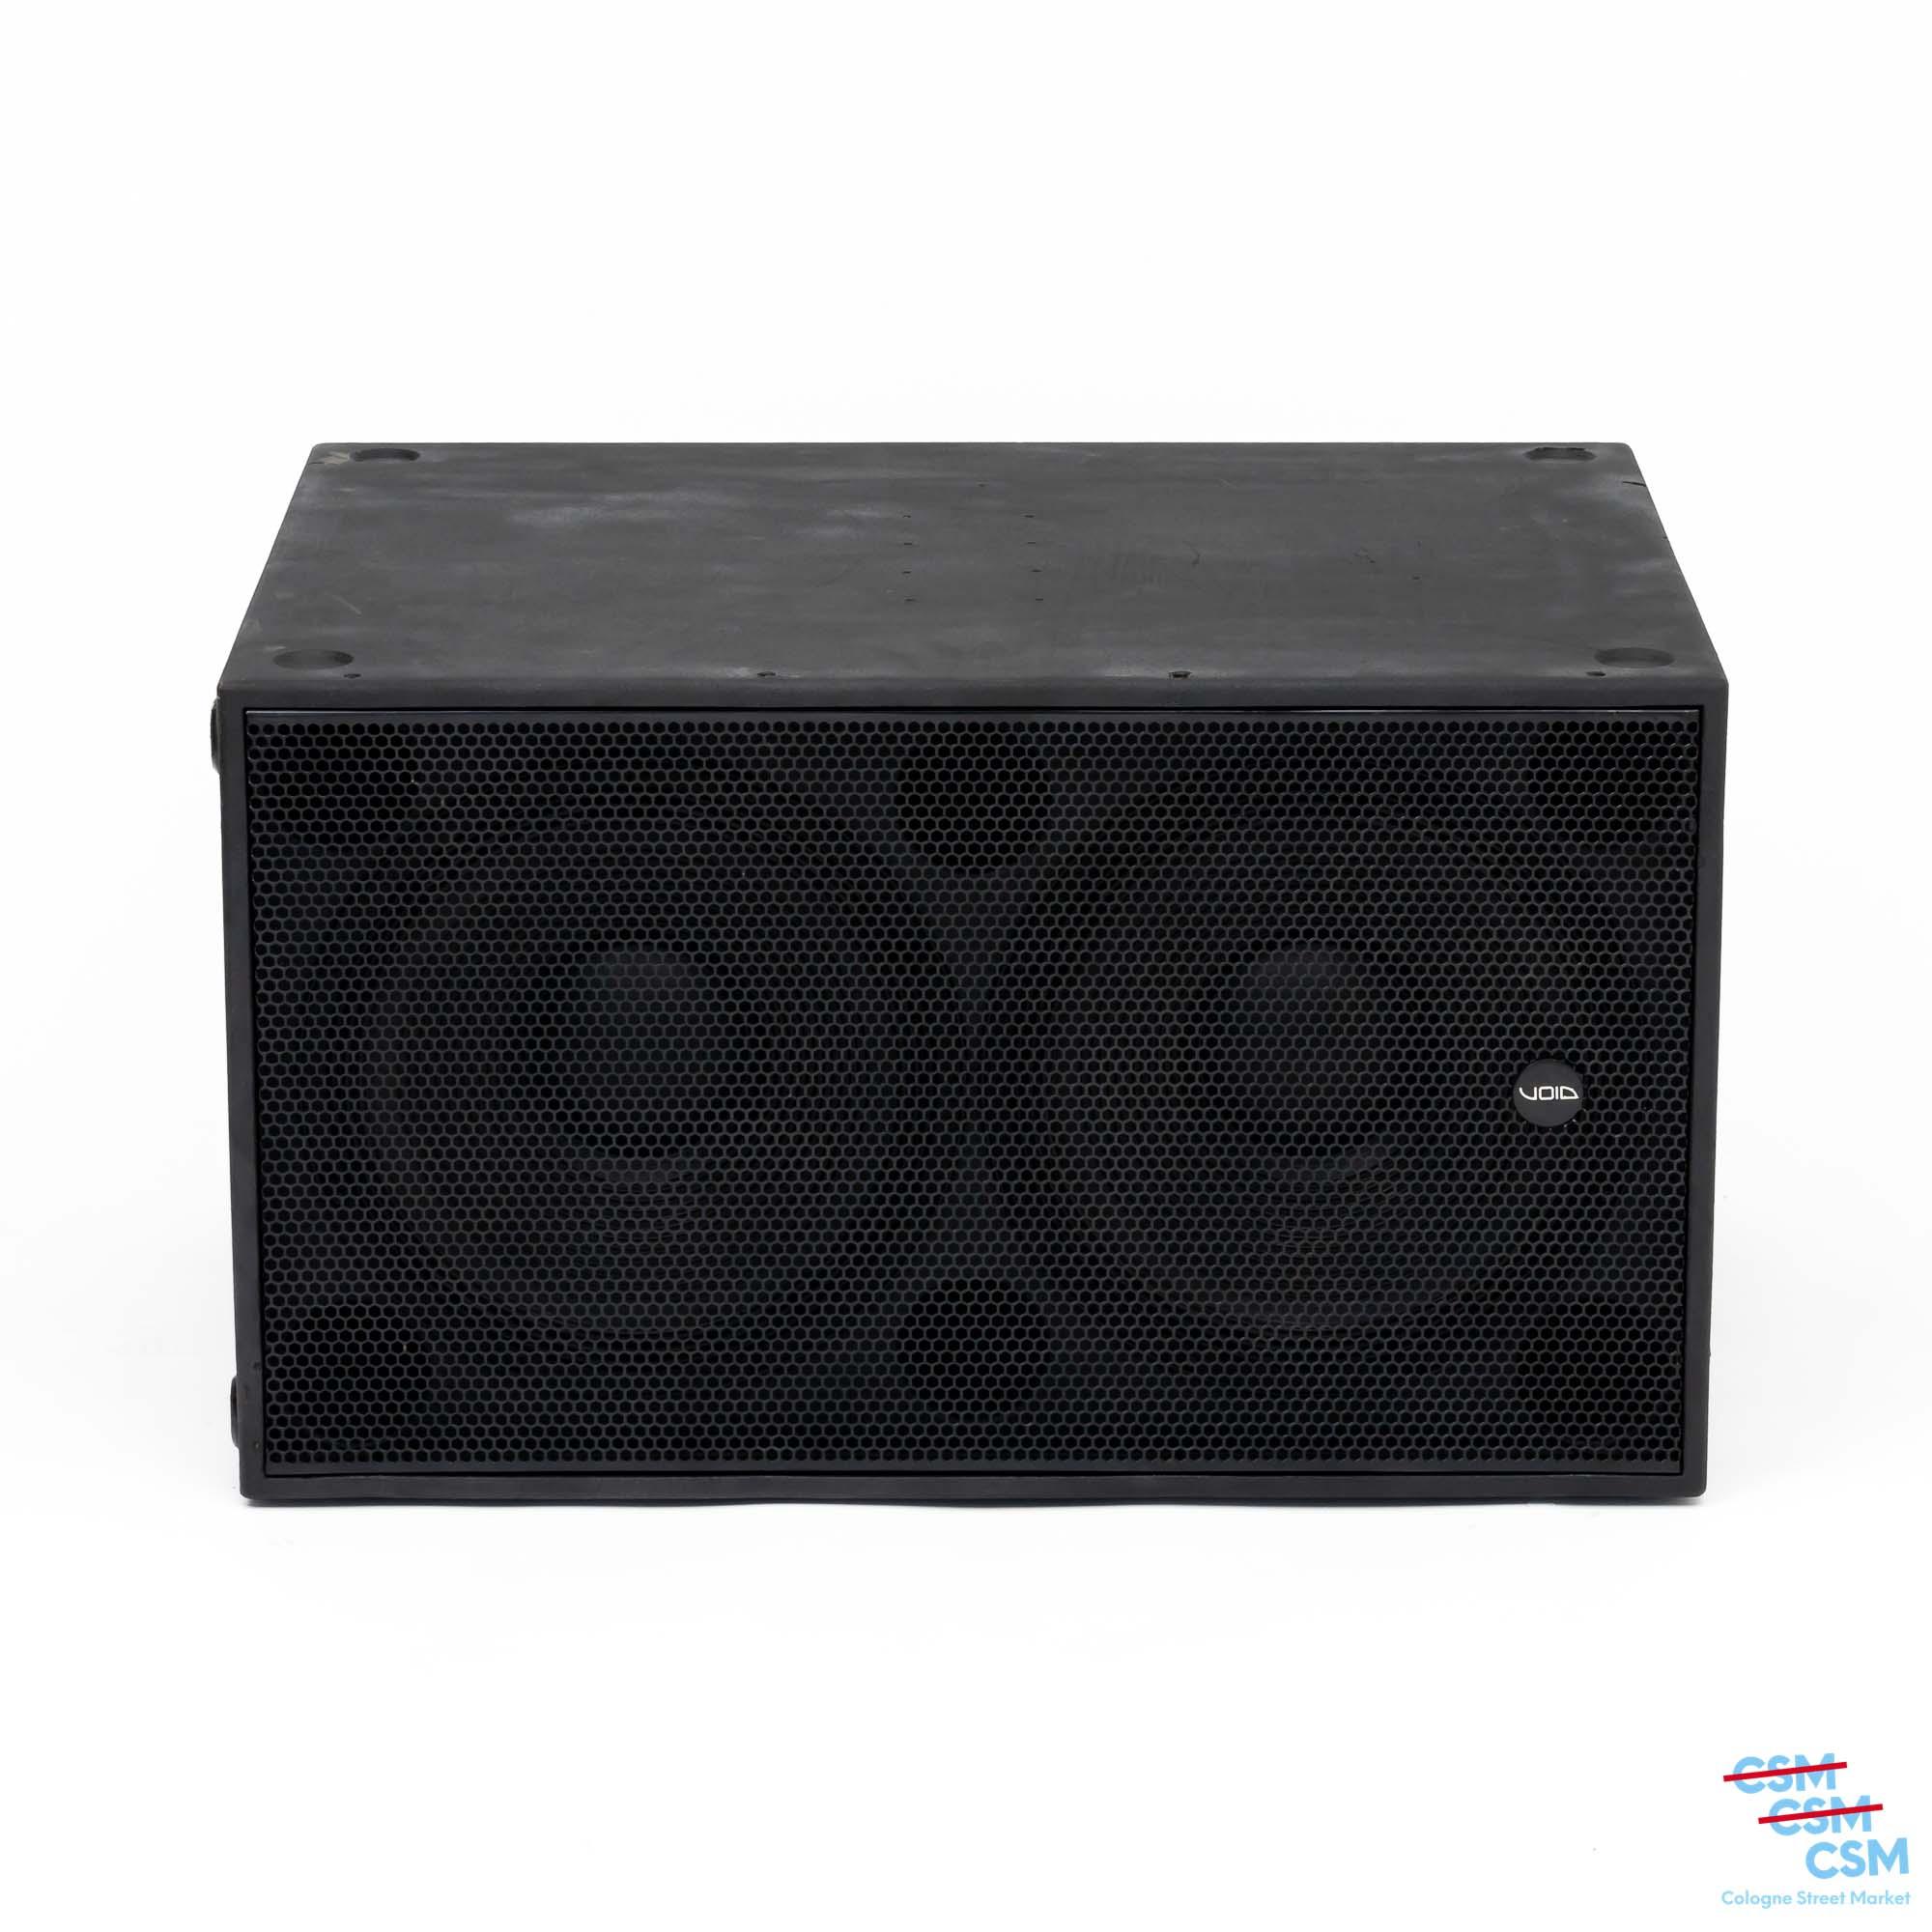 Void Acoustics Stasys 218 gebraucht 1